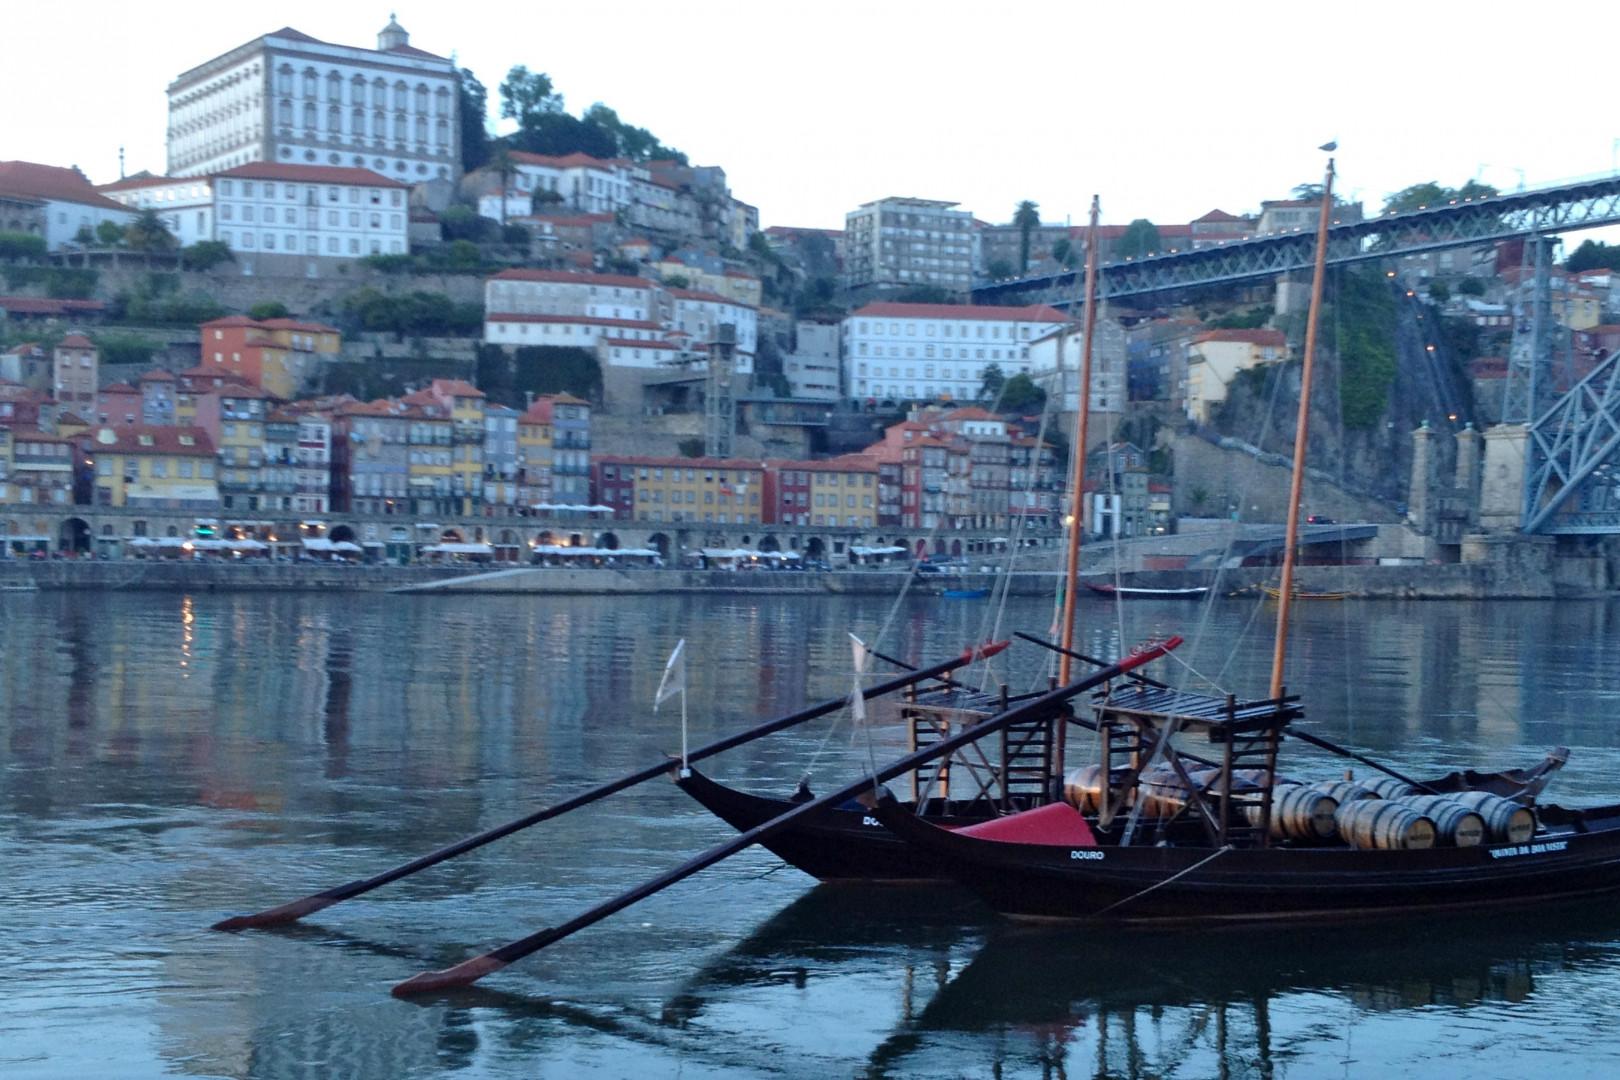 Lisbonne est la 8e destination préférée des Français pour l'été 2015, selon Skyscanner (illustration)